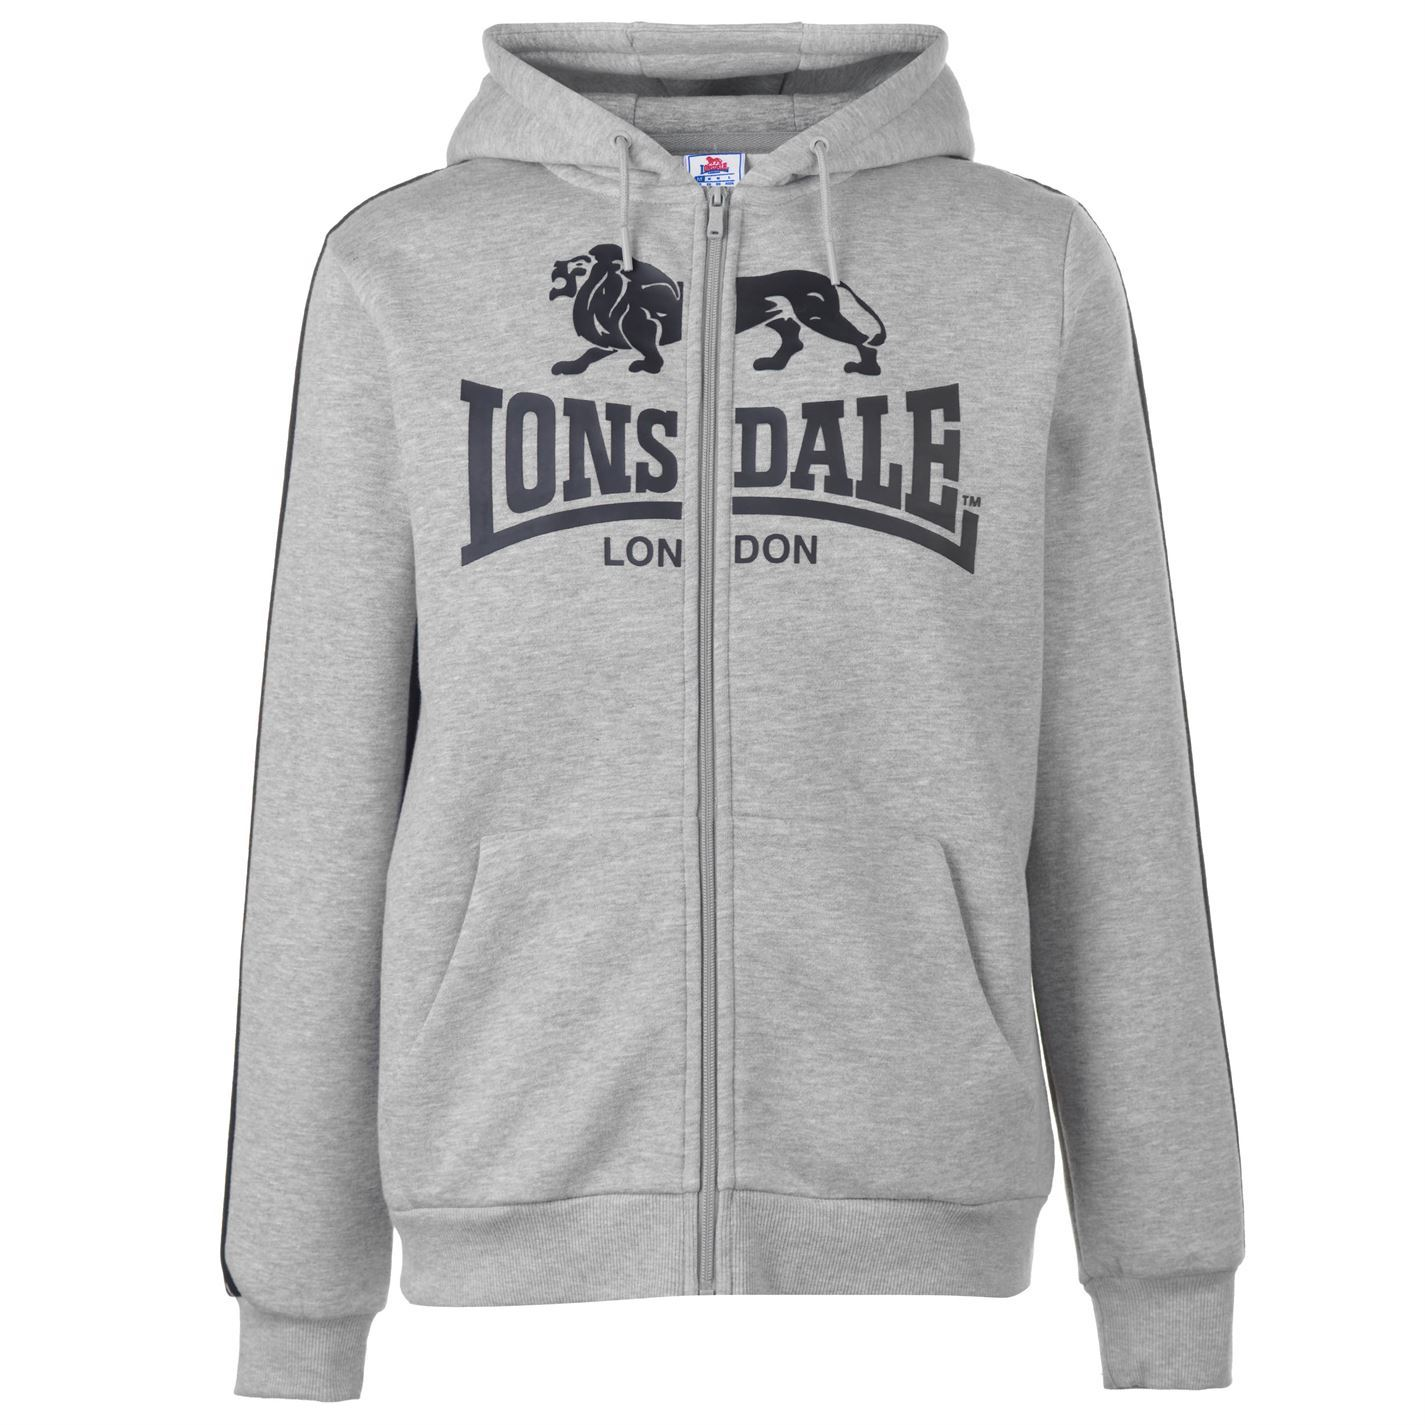 Lonsdale-2-Stripe-Logo-Full-Zip-Hoody-Mens-Hoodie-Top-Sweatshirt-Sweater thumbnail 11